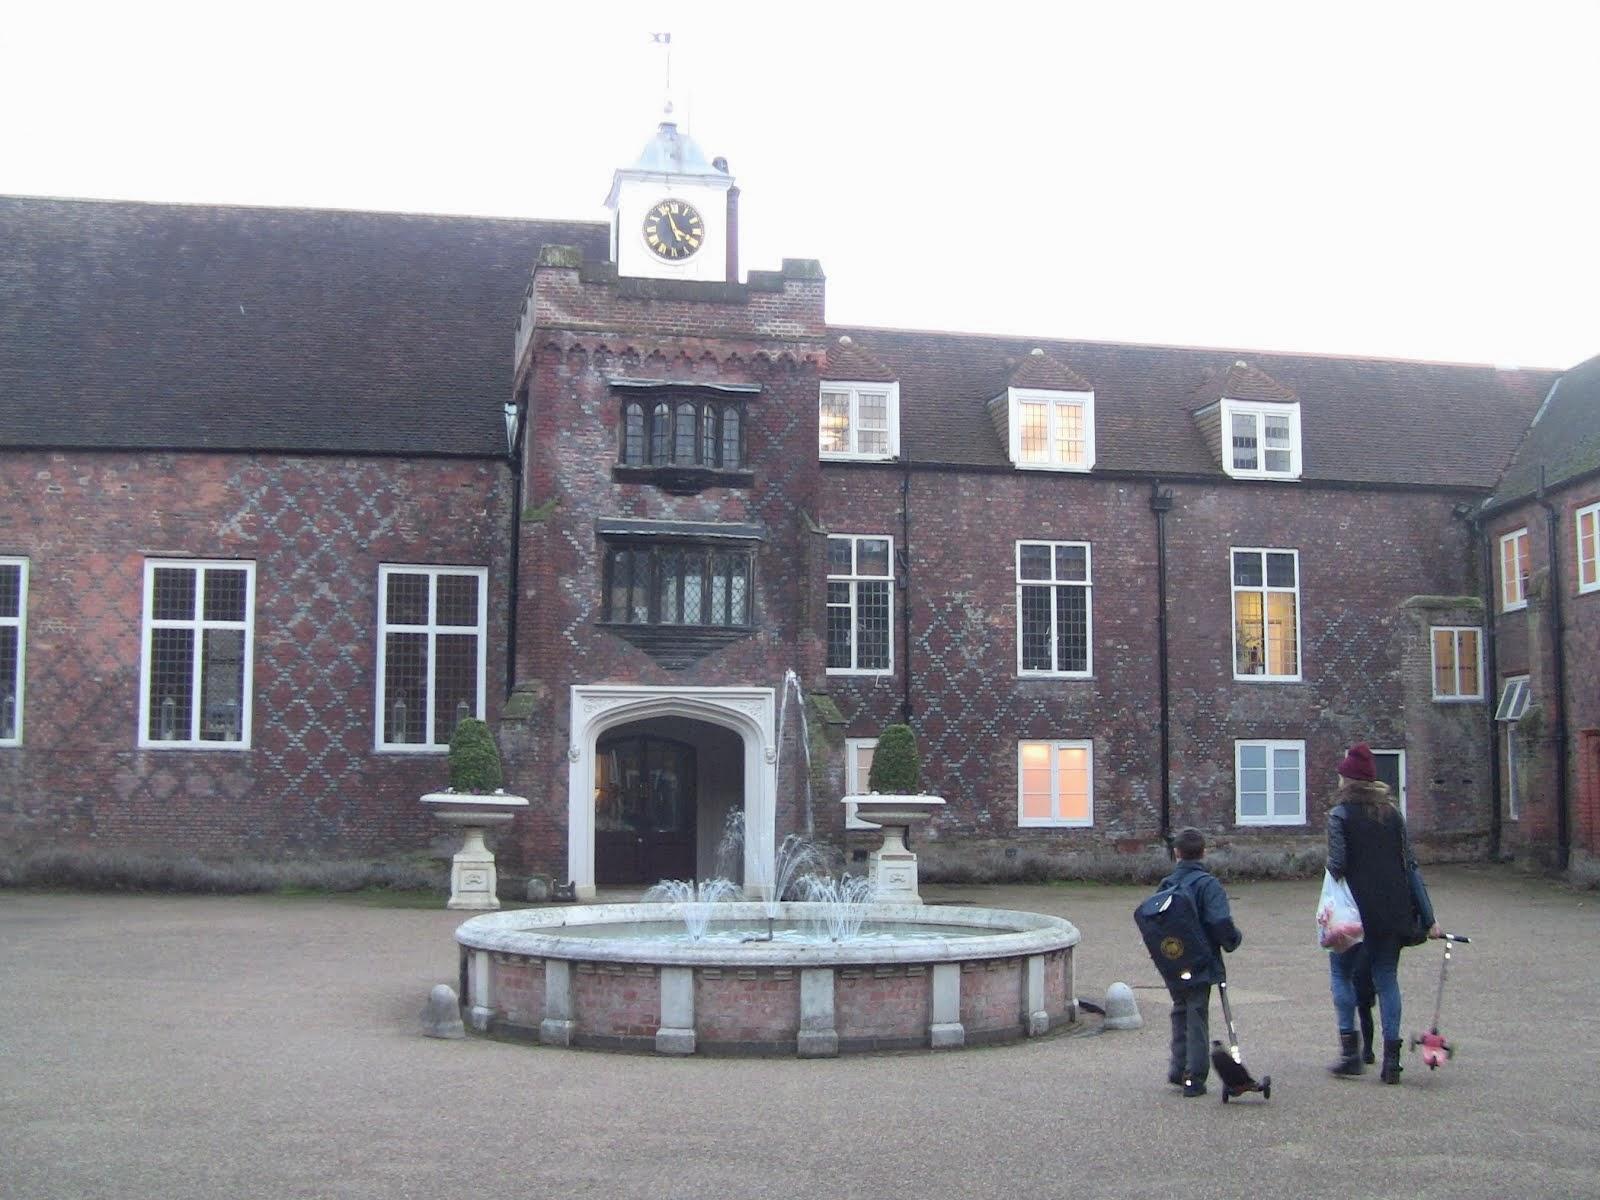 la cour intérieure de Fulham Palace